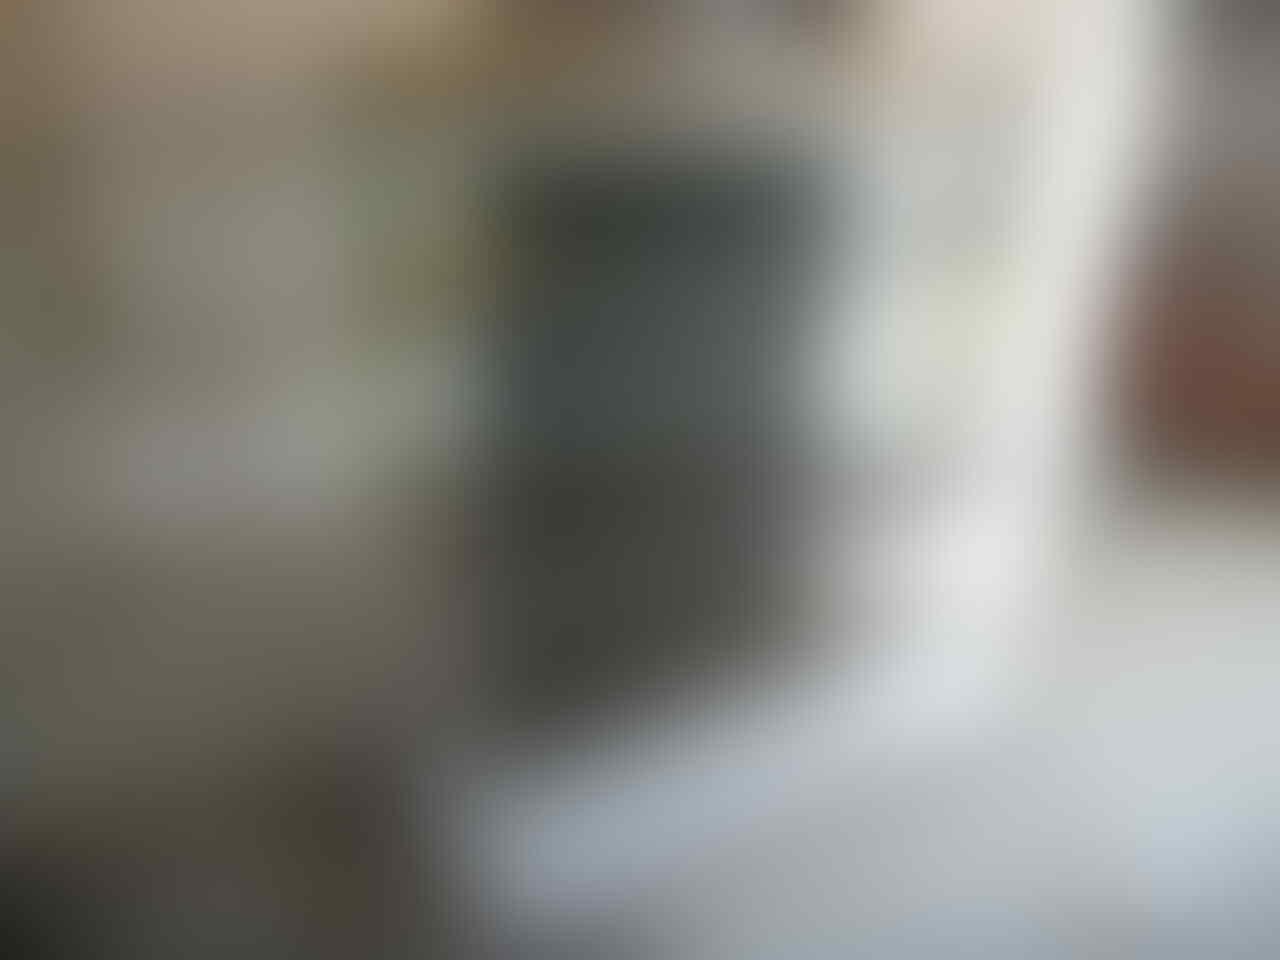 Meja | Meja Stainless | Meja Kompor | Dapur | Harga | Indometal Perkasa